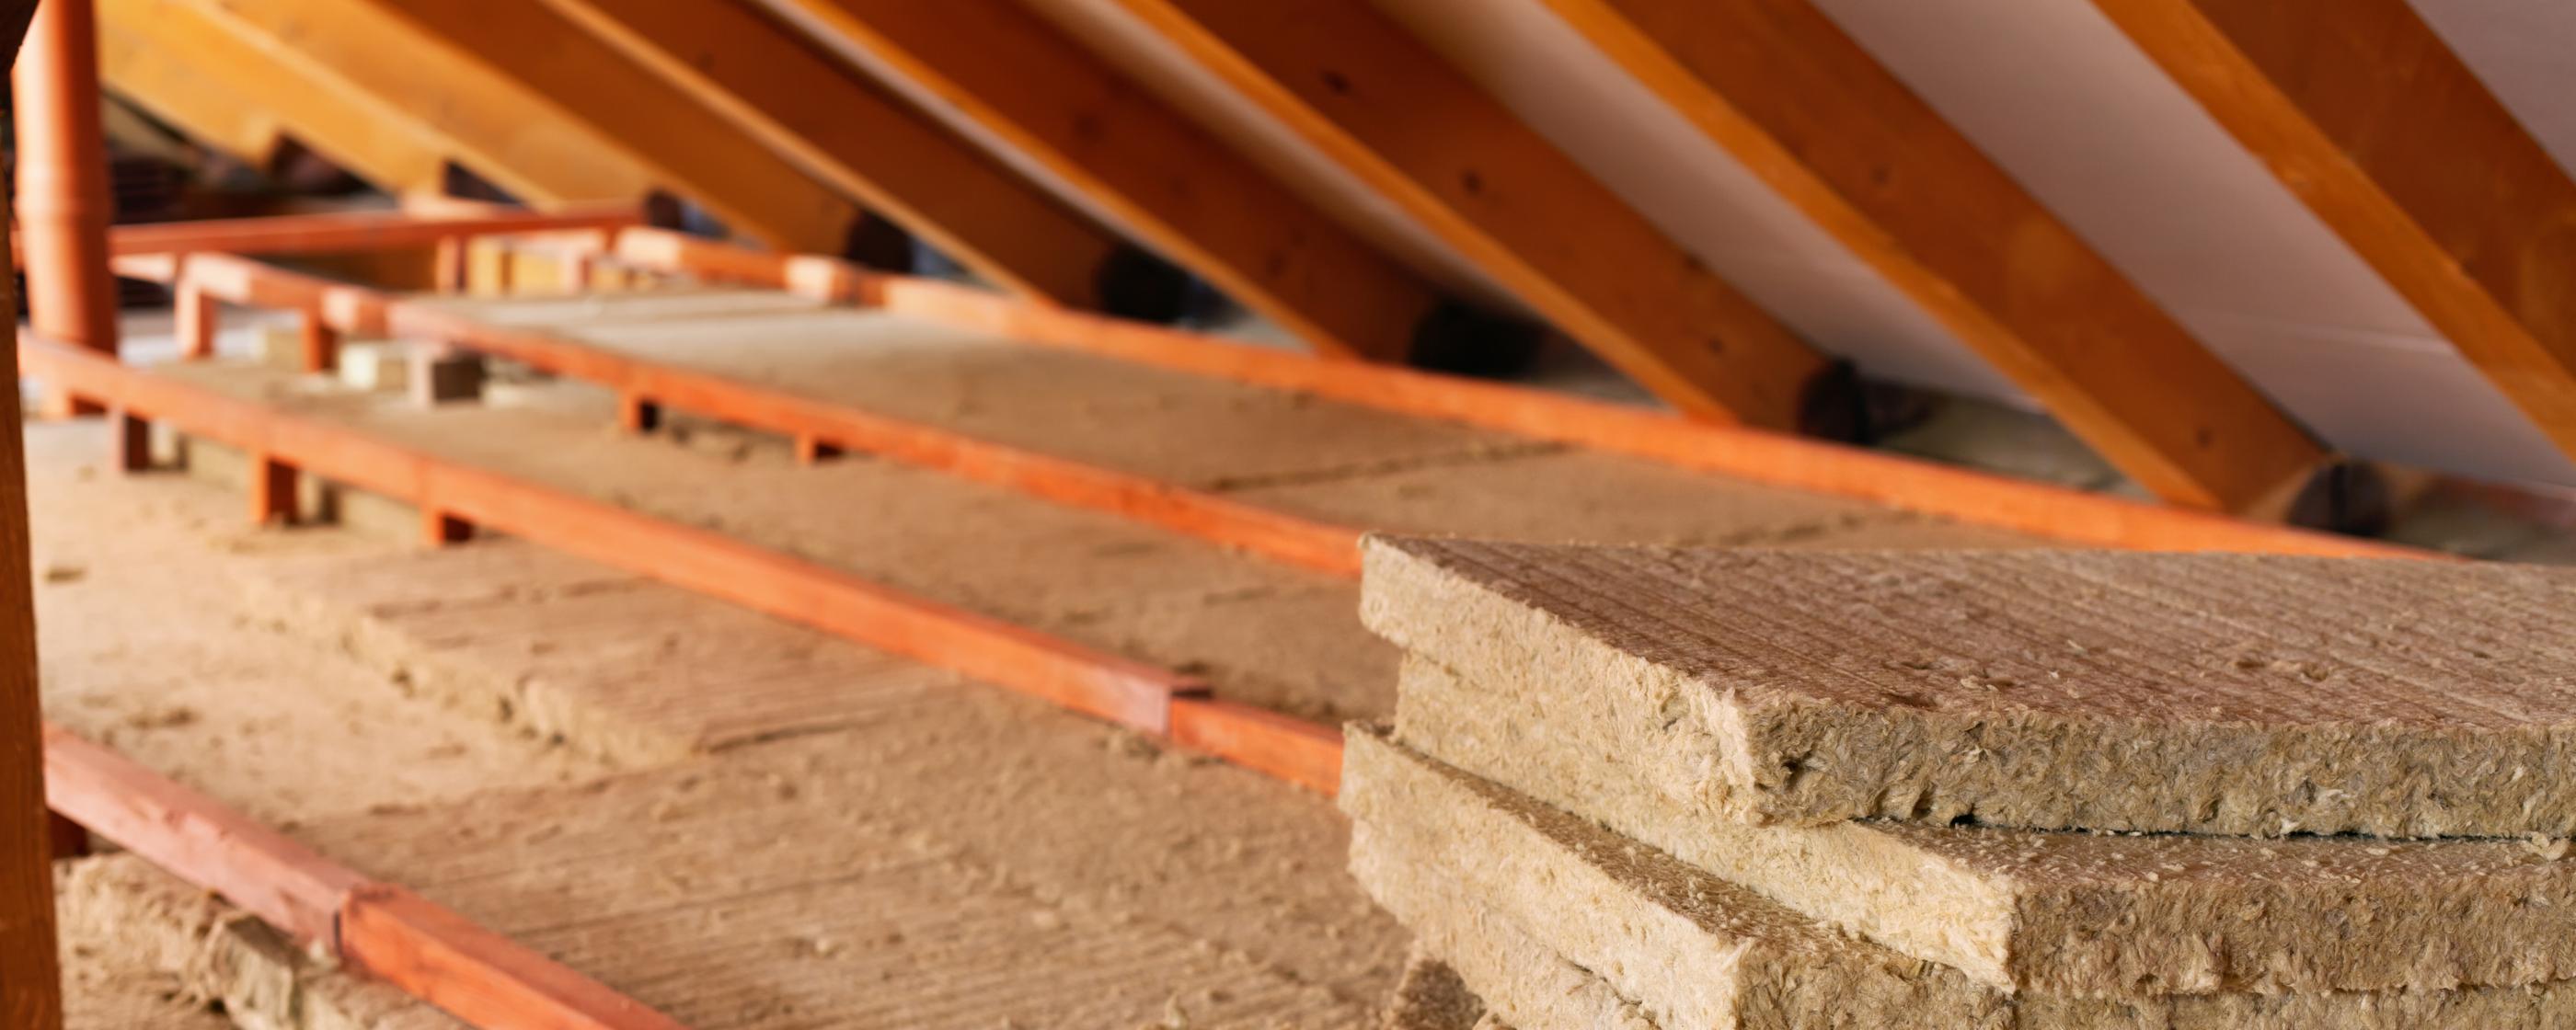 <h2>Wonen</h2><div>Iedereen heeft recht op een kwaliteitsvolle, energiezuinige en betaalbare woning.</div>